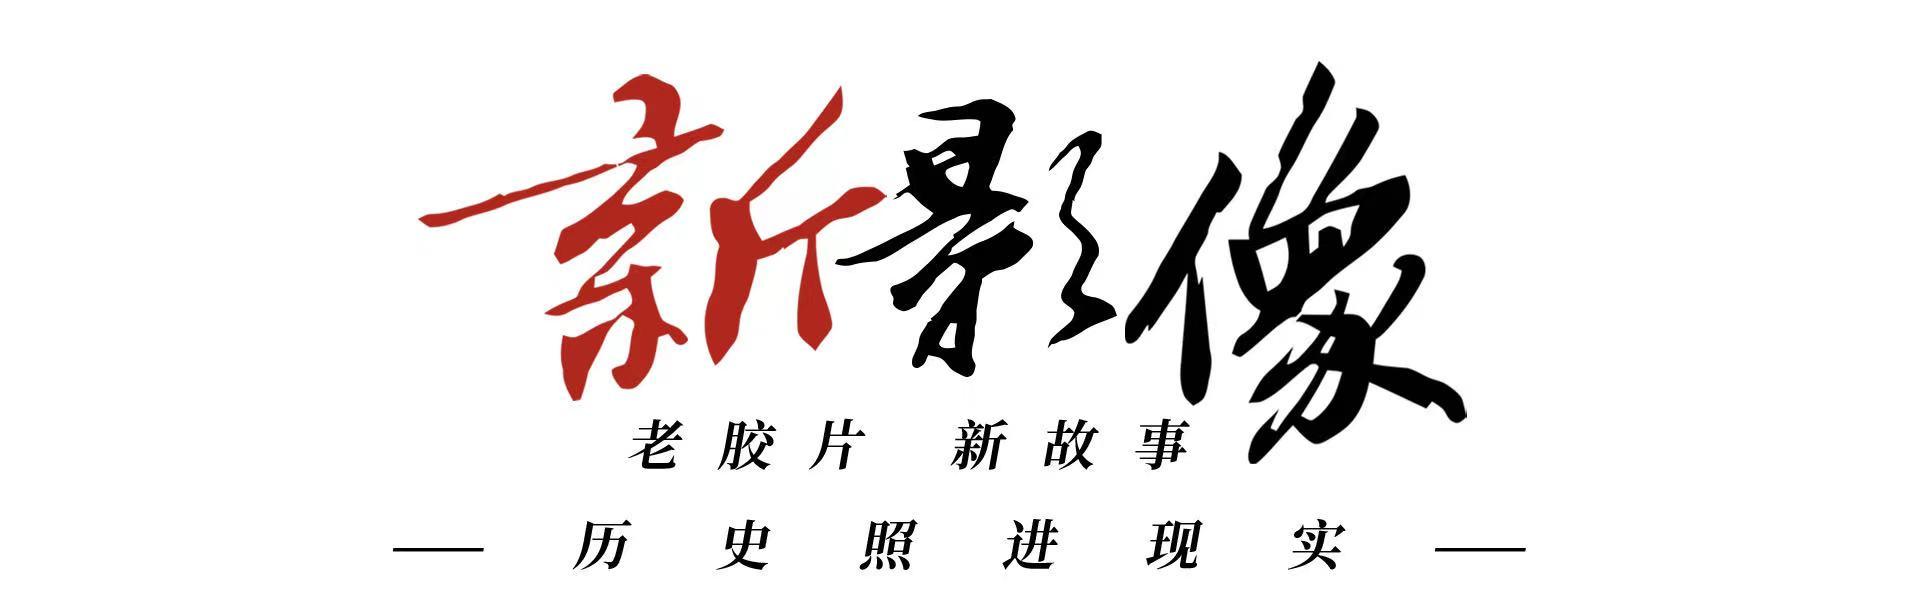 新影像·国庆特辑丨那些年,国人一起追过的时代偶像——时传祥